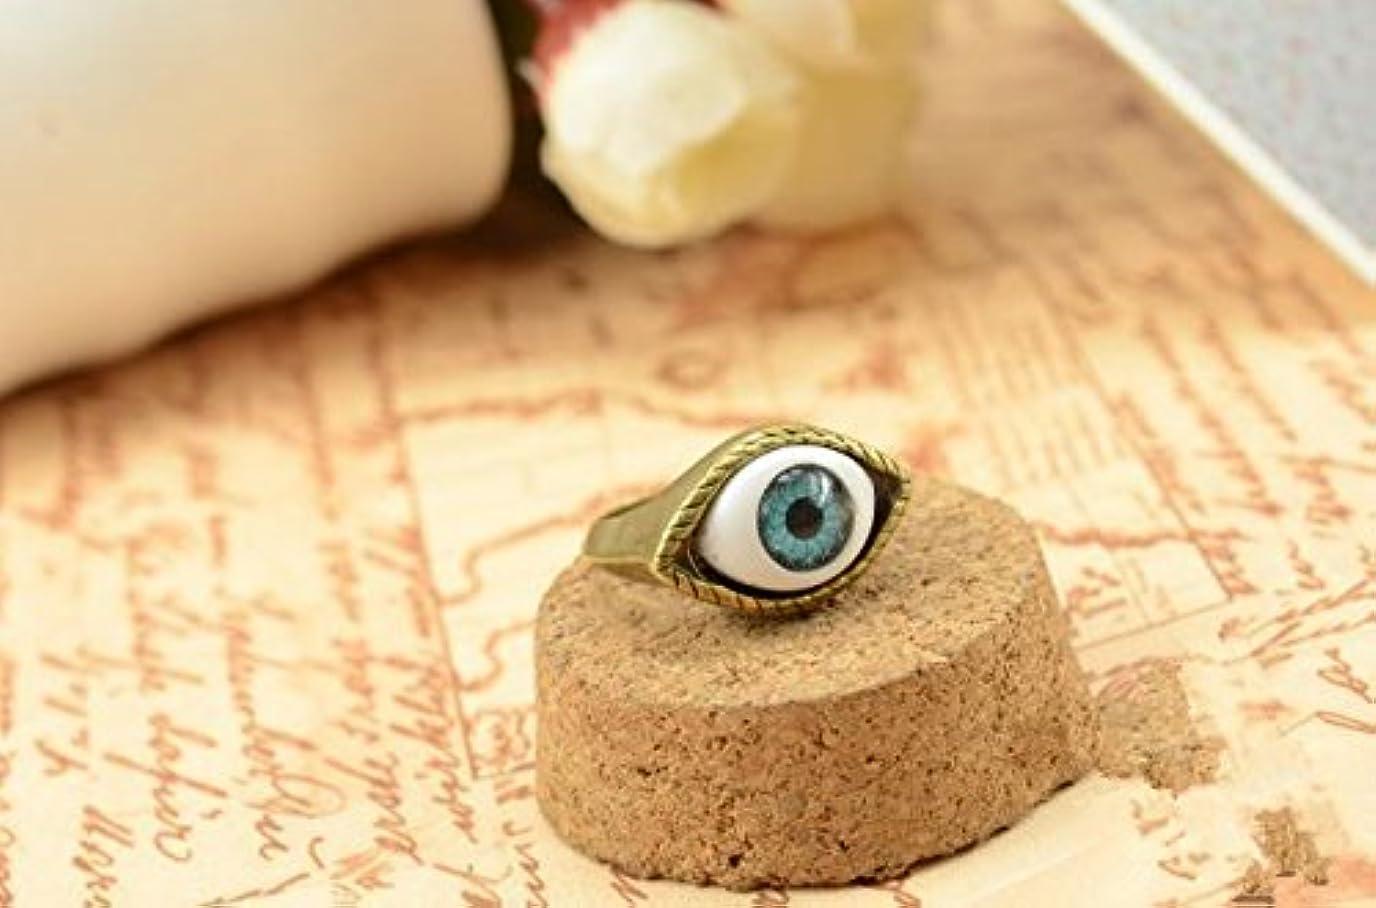 幻影運動取り壊すJicorzo - ヨーロッパと米国のゴシックパンク風のレトロな青と茶色の鬼の目のリング宝石の1pcsを誇張[青]